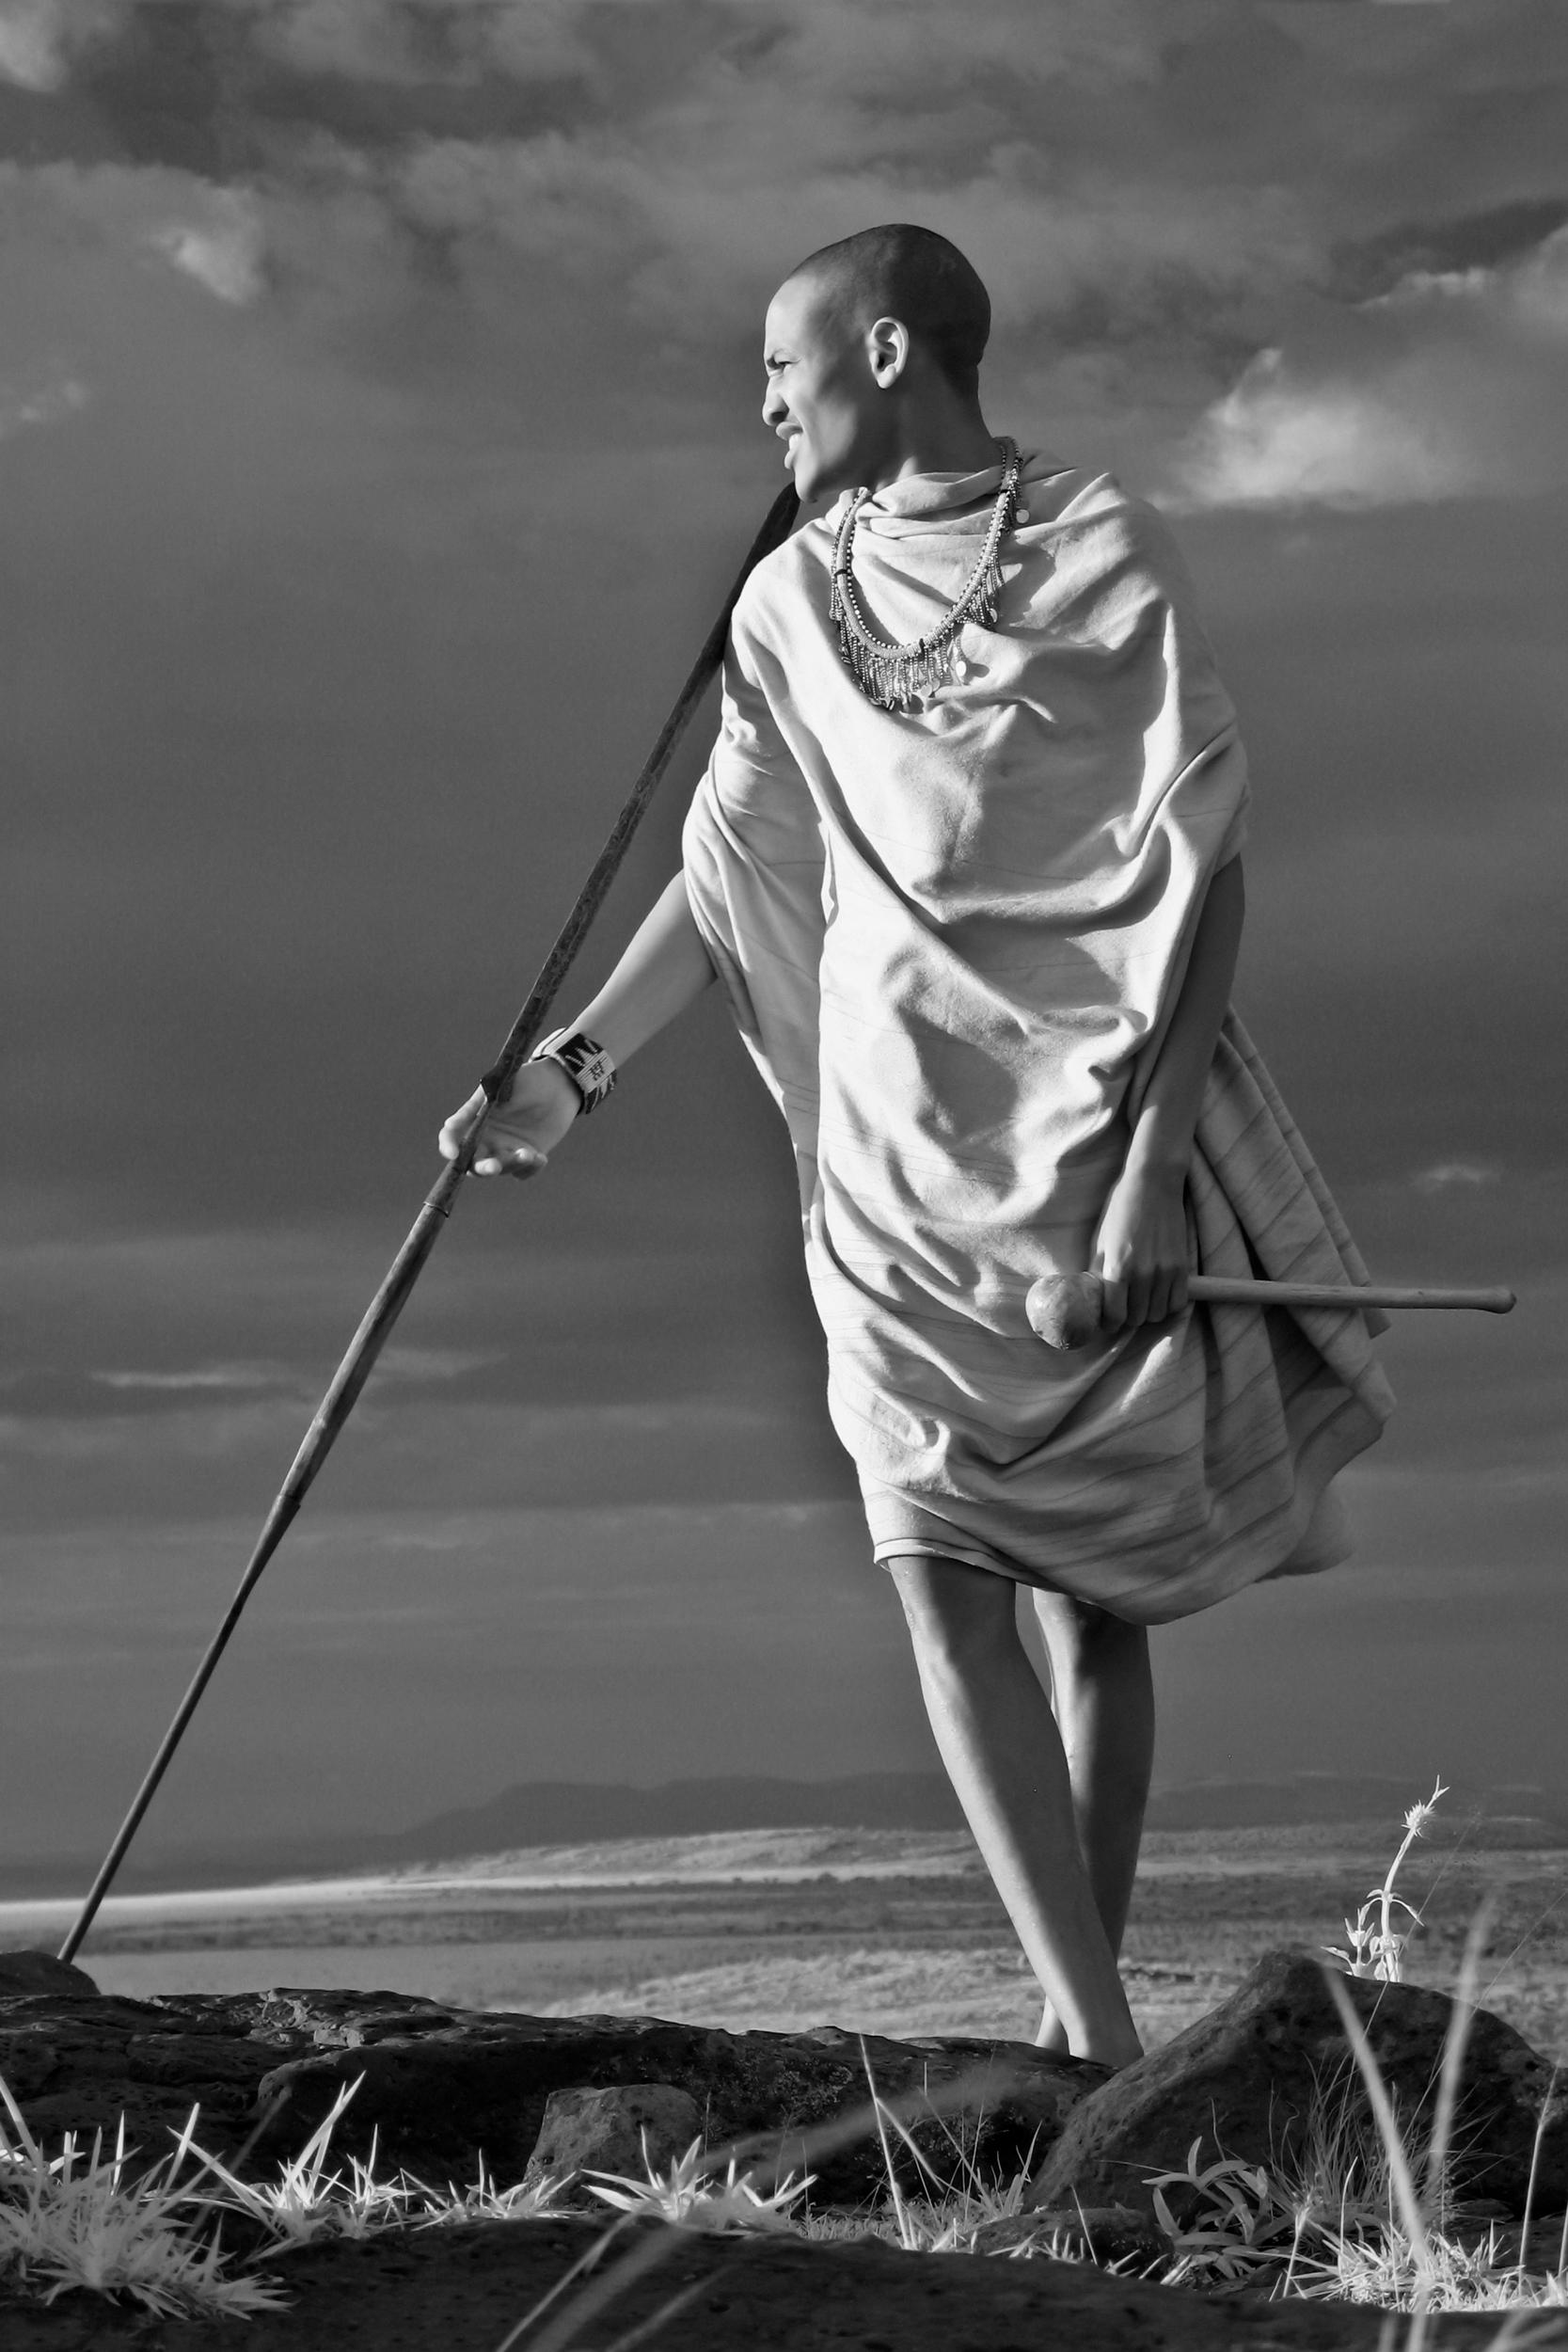 Masai_Warrior_b&w_final.jpg